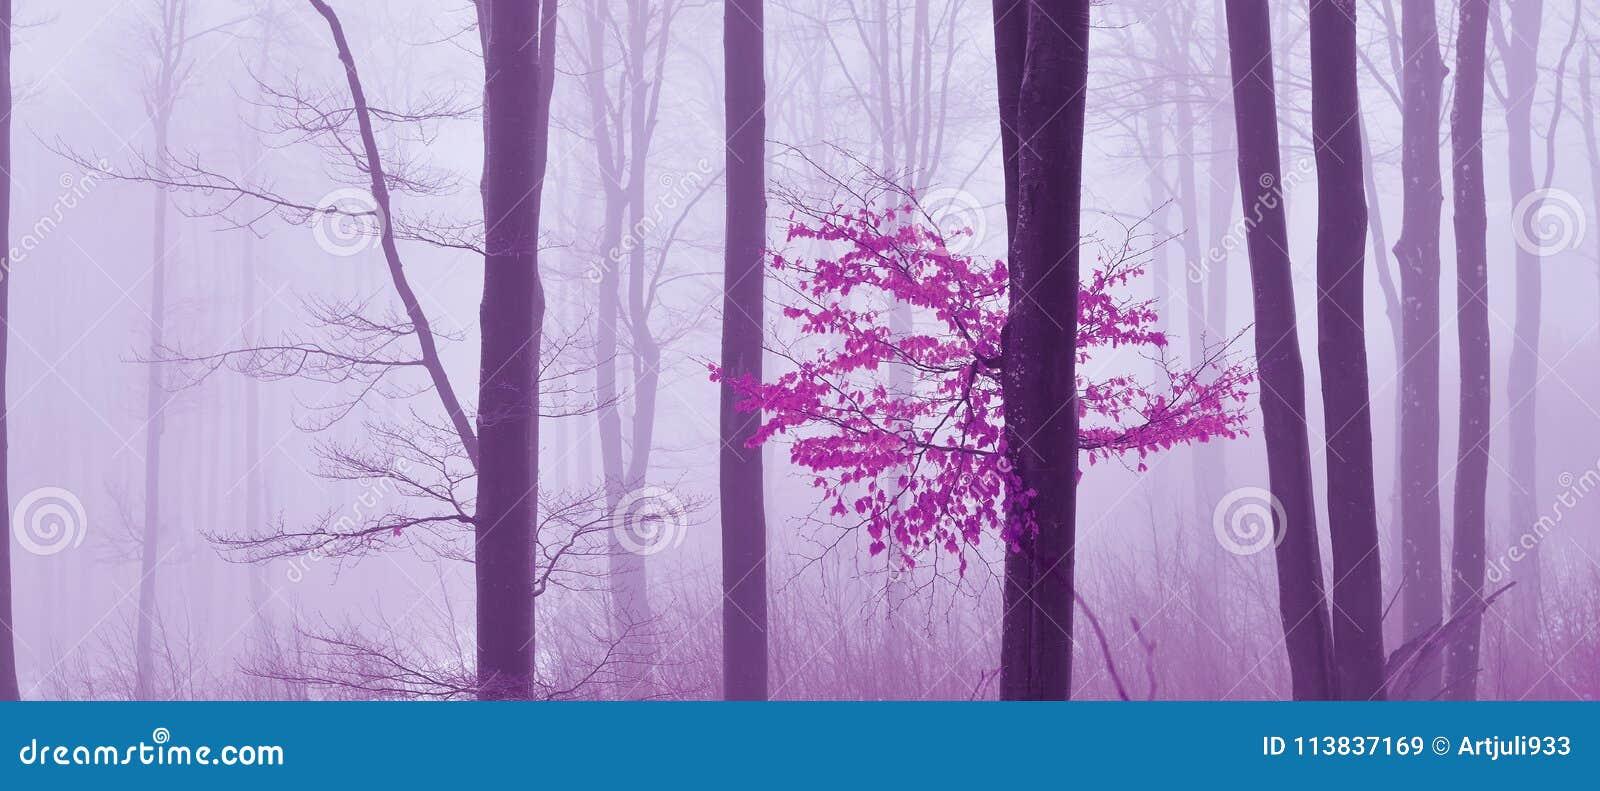 Brouillard A L Arriere Plan Mystique Colore Par Foret Papier Peint